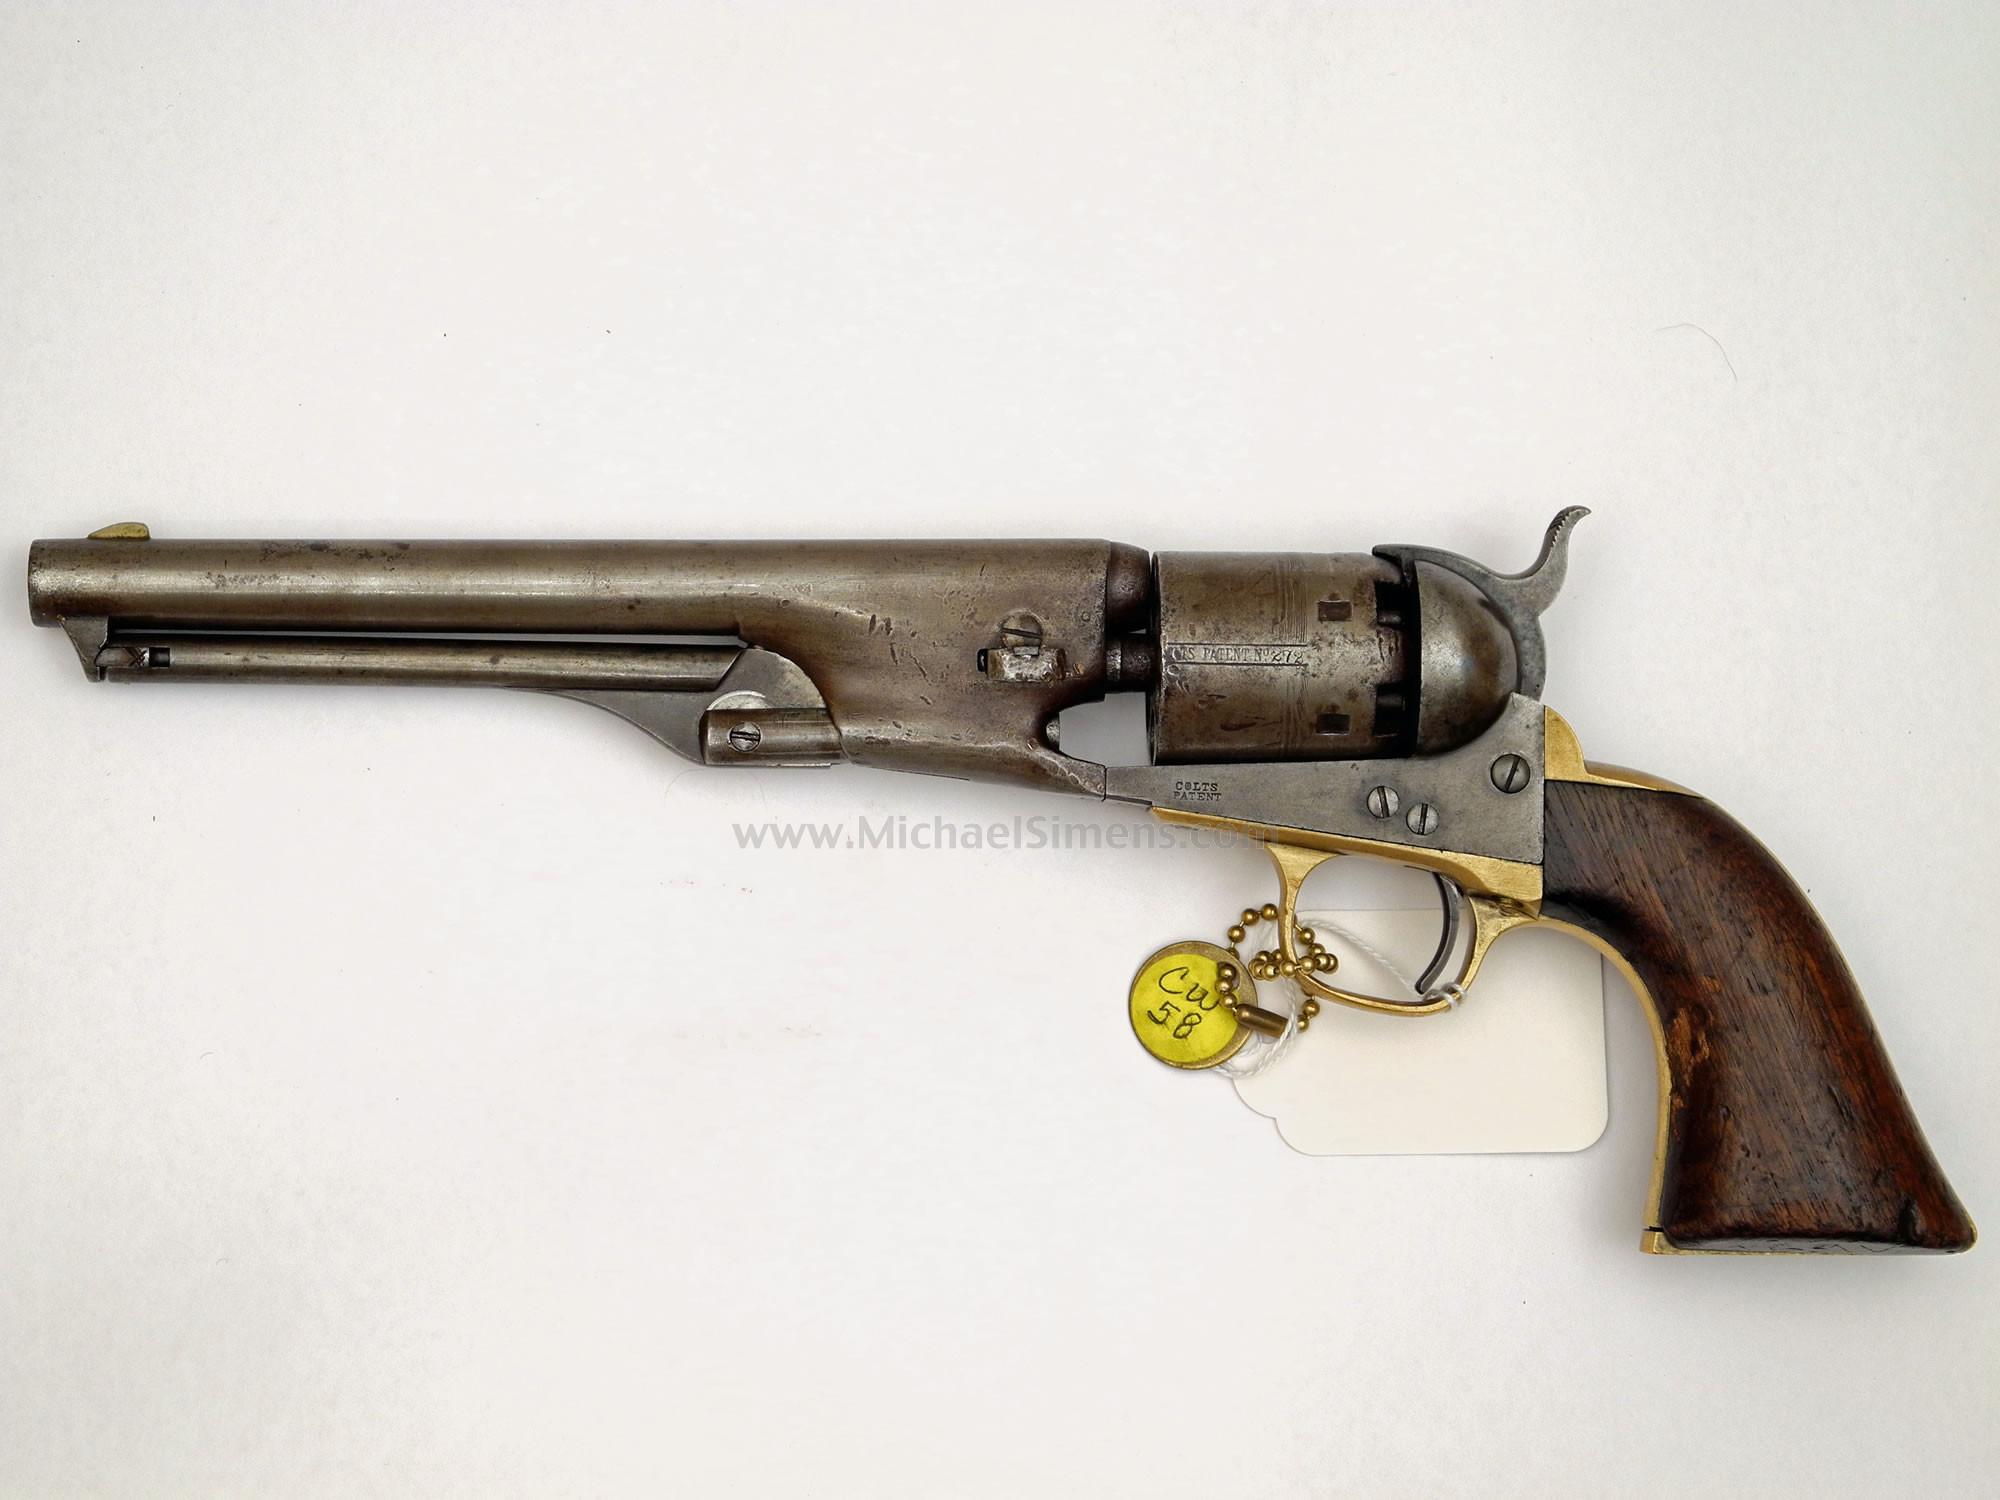 MARTIAL COLT 1861 NAVY REVOLVER